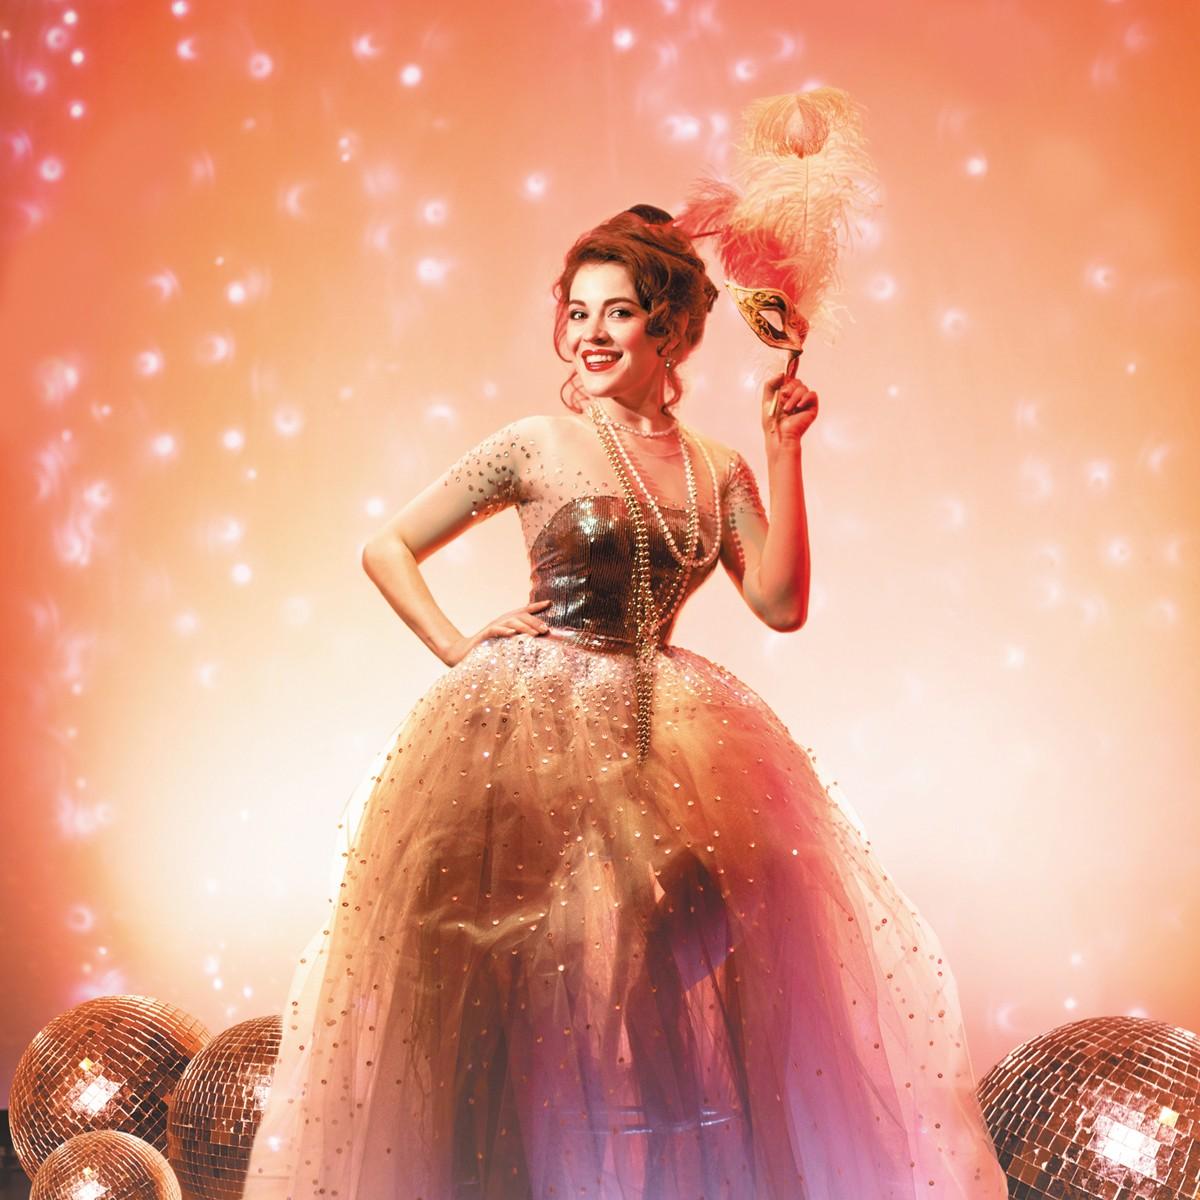 """Сегодня вечером на Большой сцене Астраханского театра Оперы и Балета пройдёт концерт """"Новогодний маскарад""""!"""